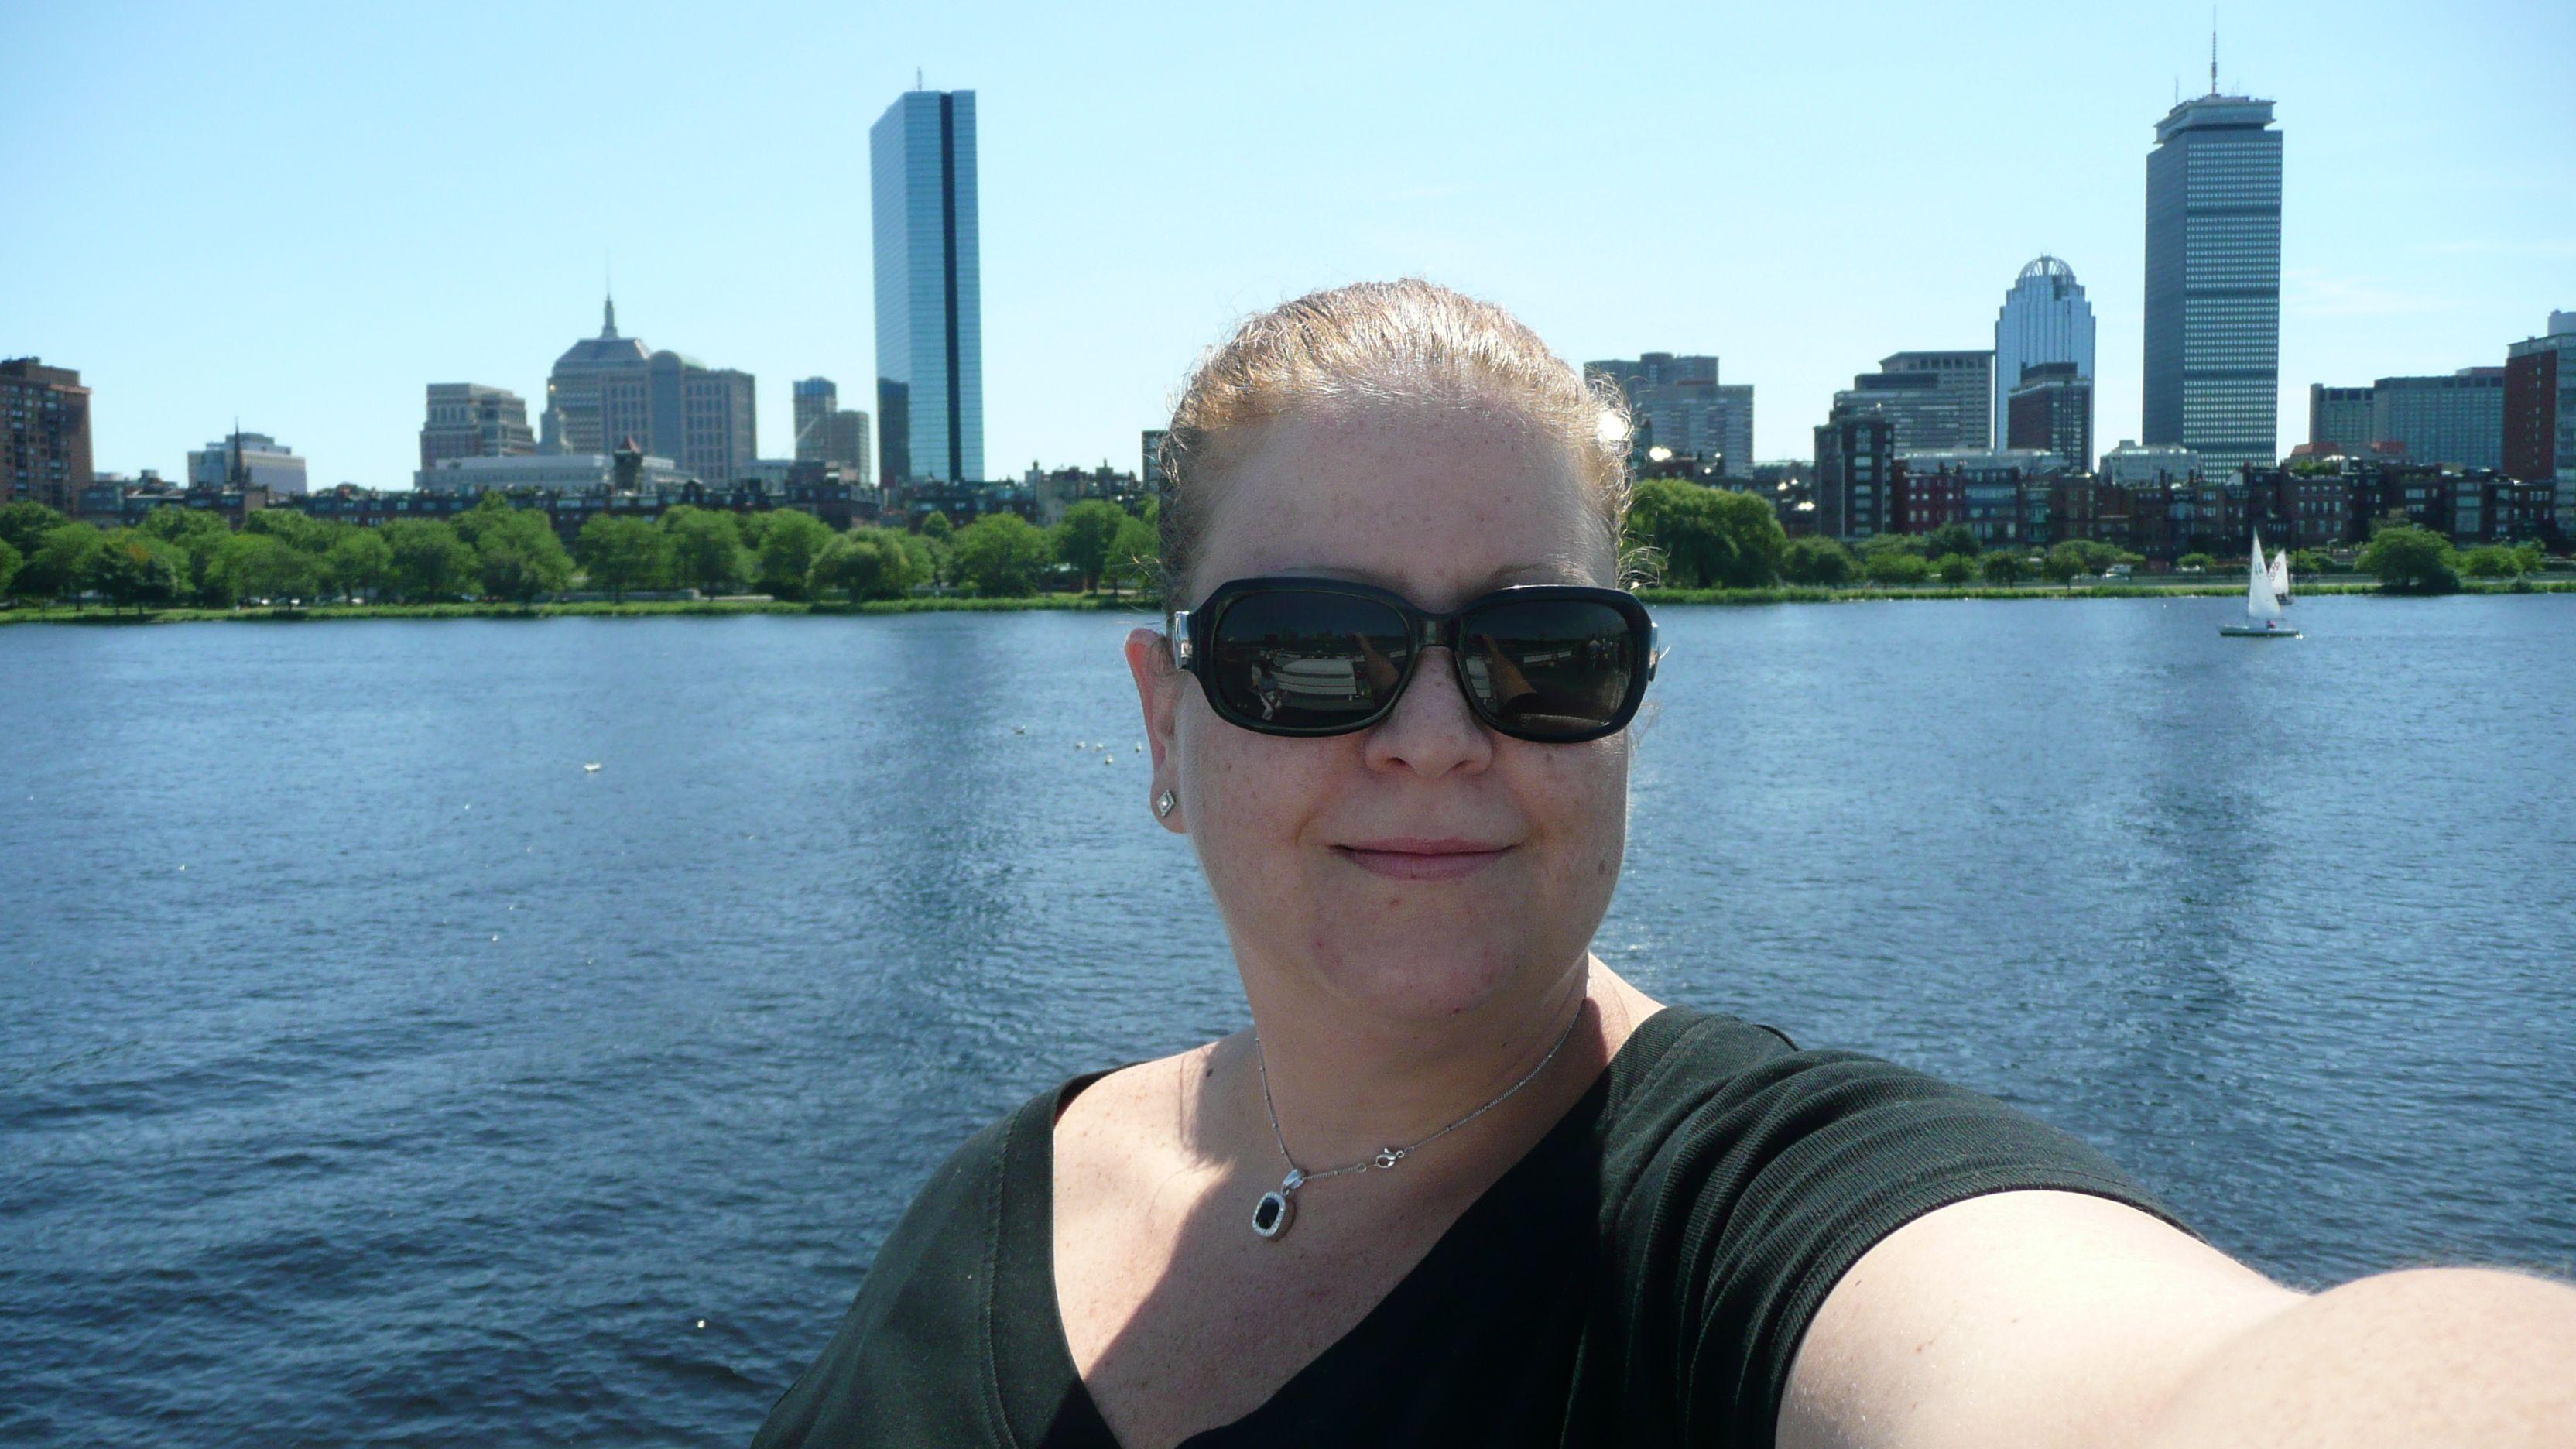 Charles River Boston/Cambridge MA 2008